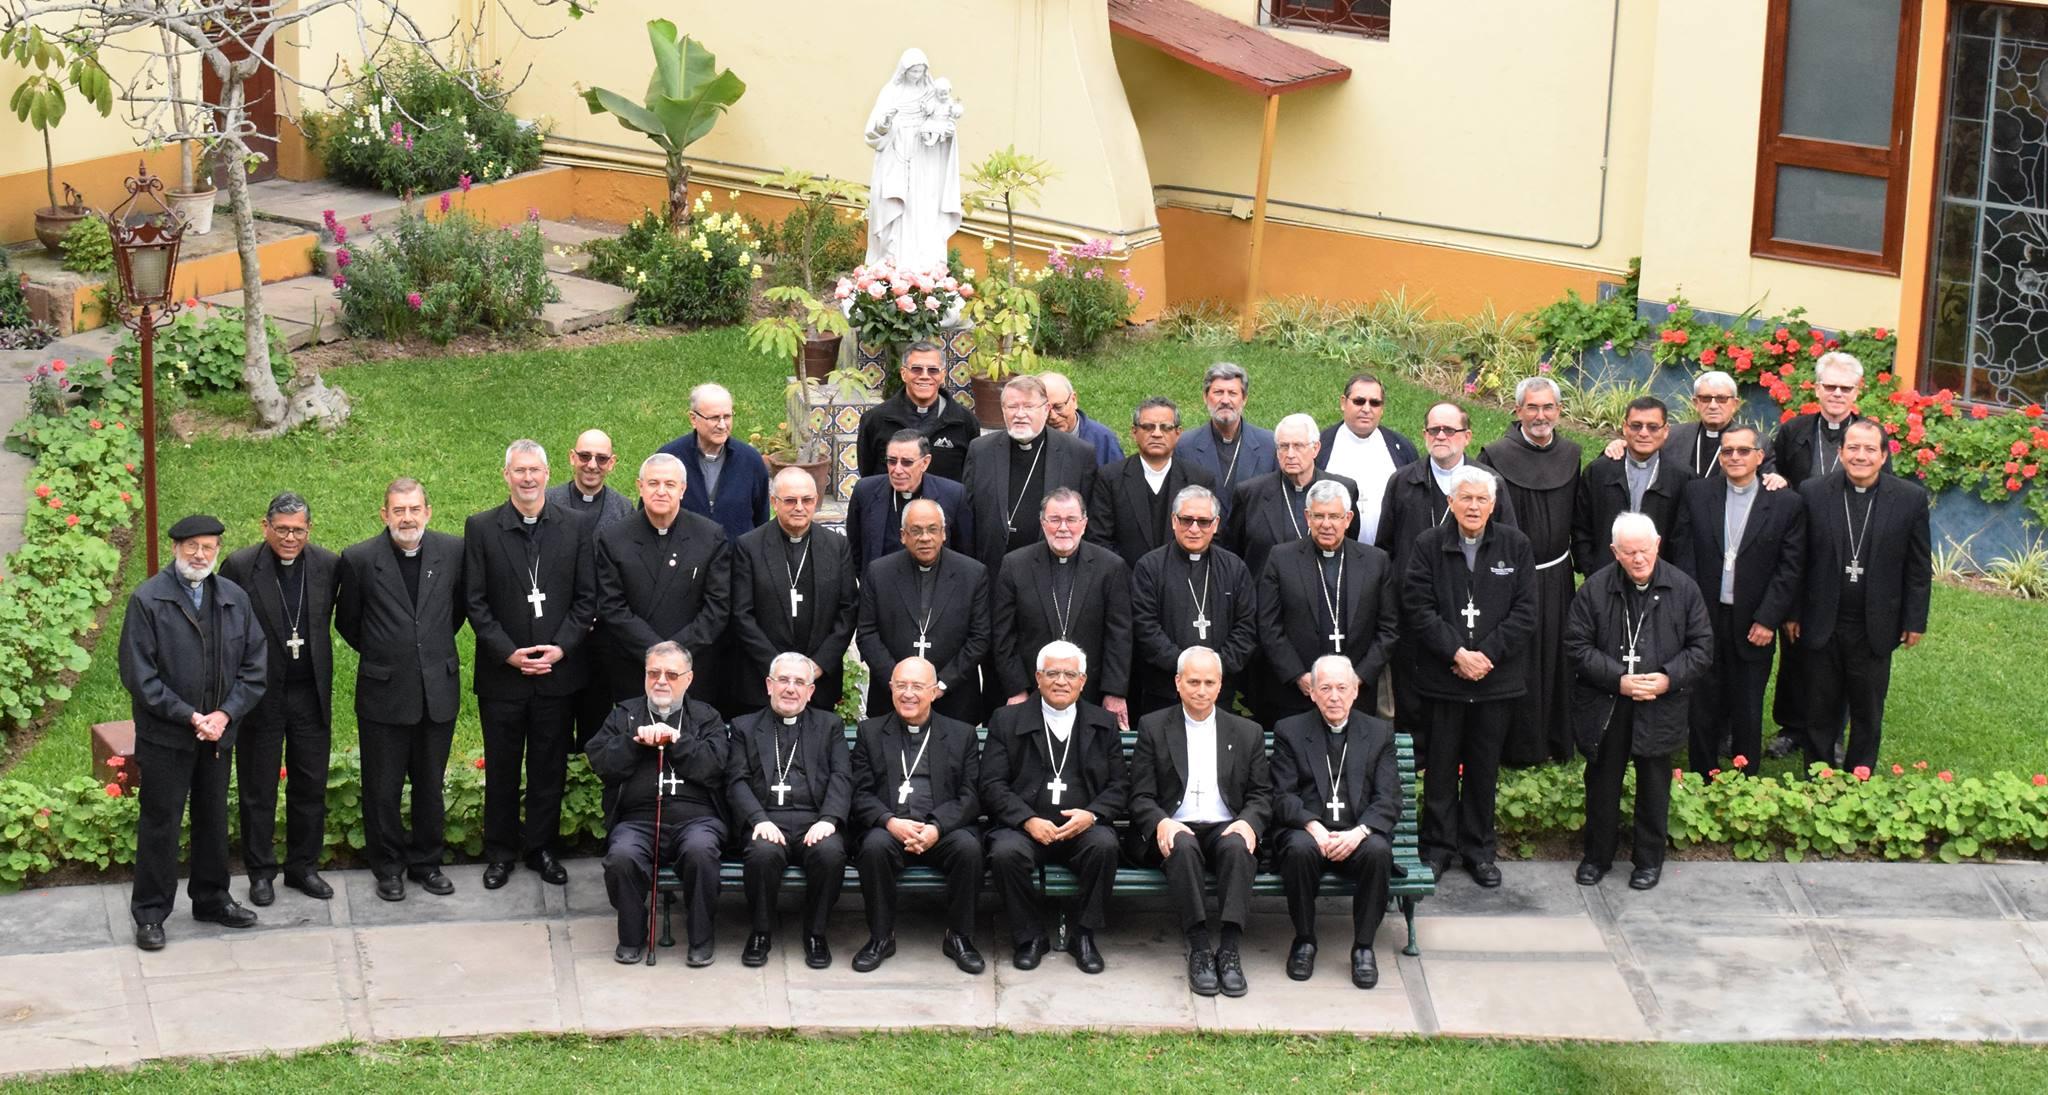 Obispos del Perú © Conferencia Episcopal Peruana